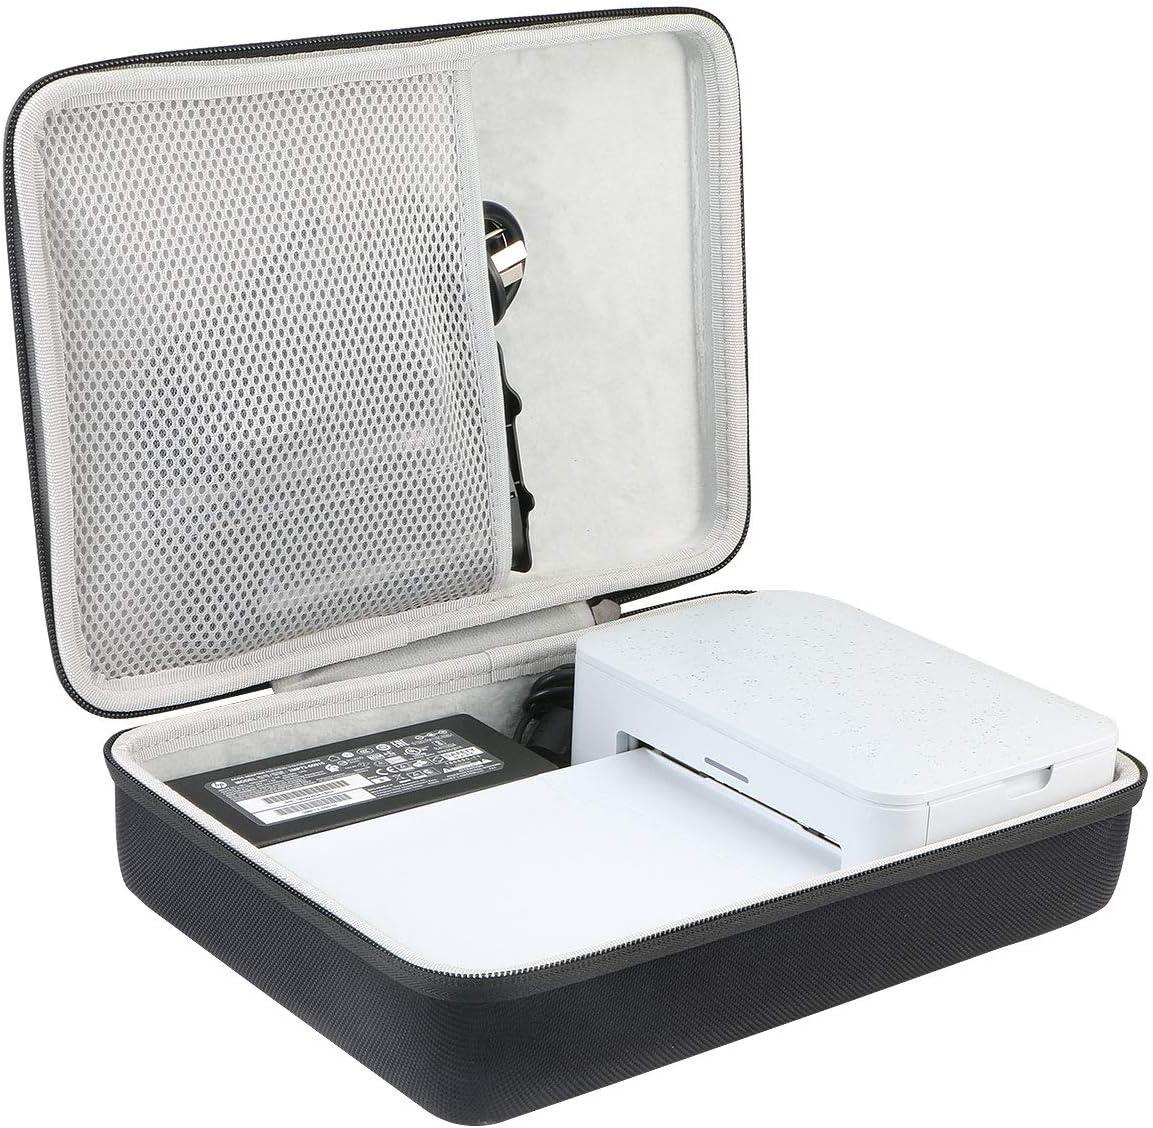 Khanka Duro Viaje Estuche Bolso Funda para HP Sprocket Studio Impresora fotográfica portátil: Amazon.es: Electrónica